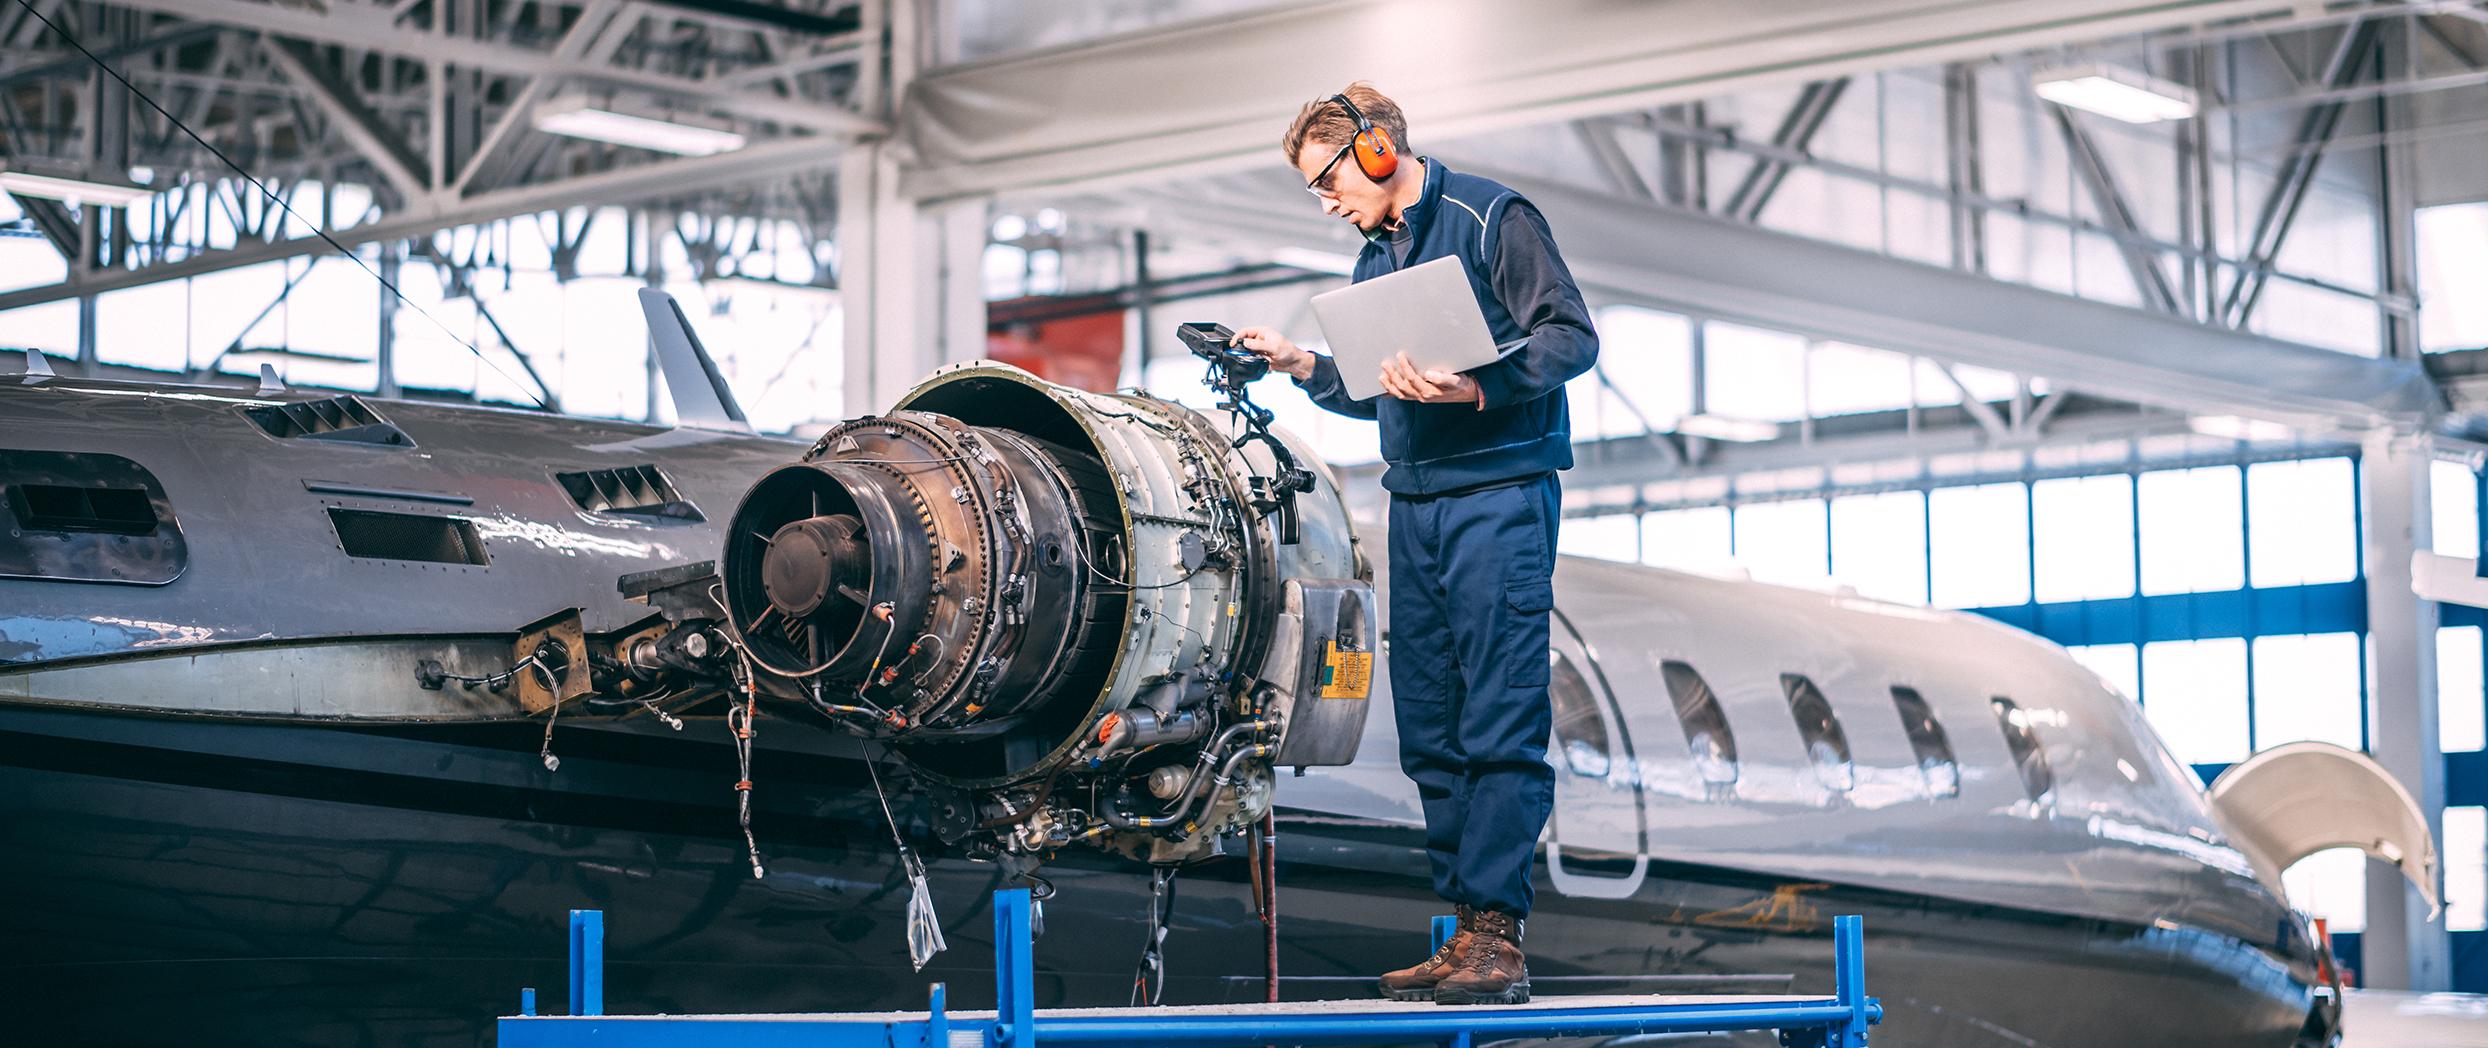 El fabricante de transporte Bombardier sufre una brecha de datos